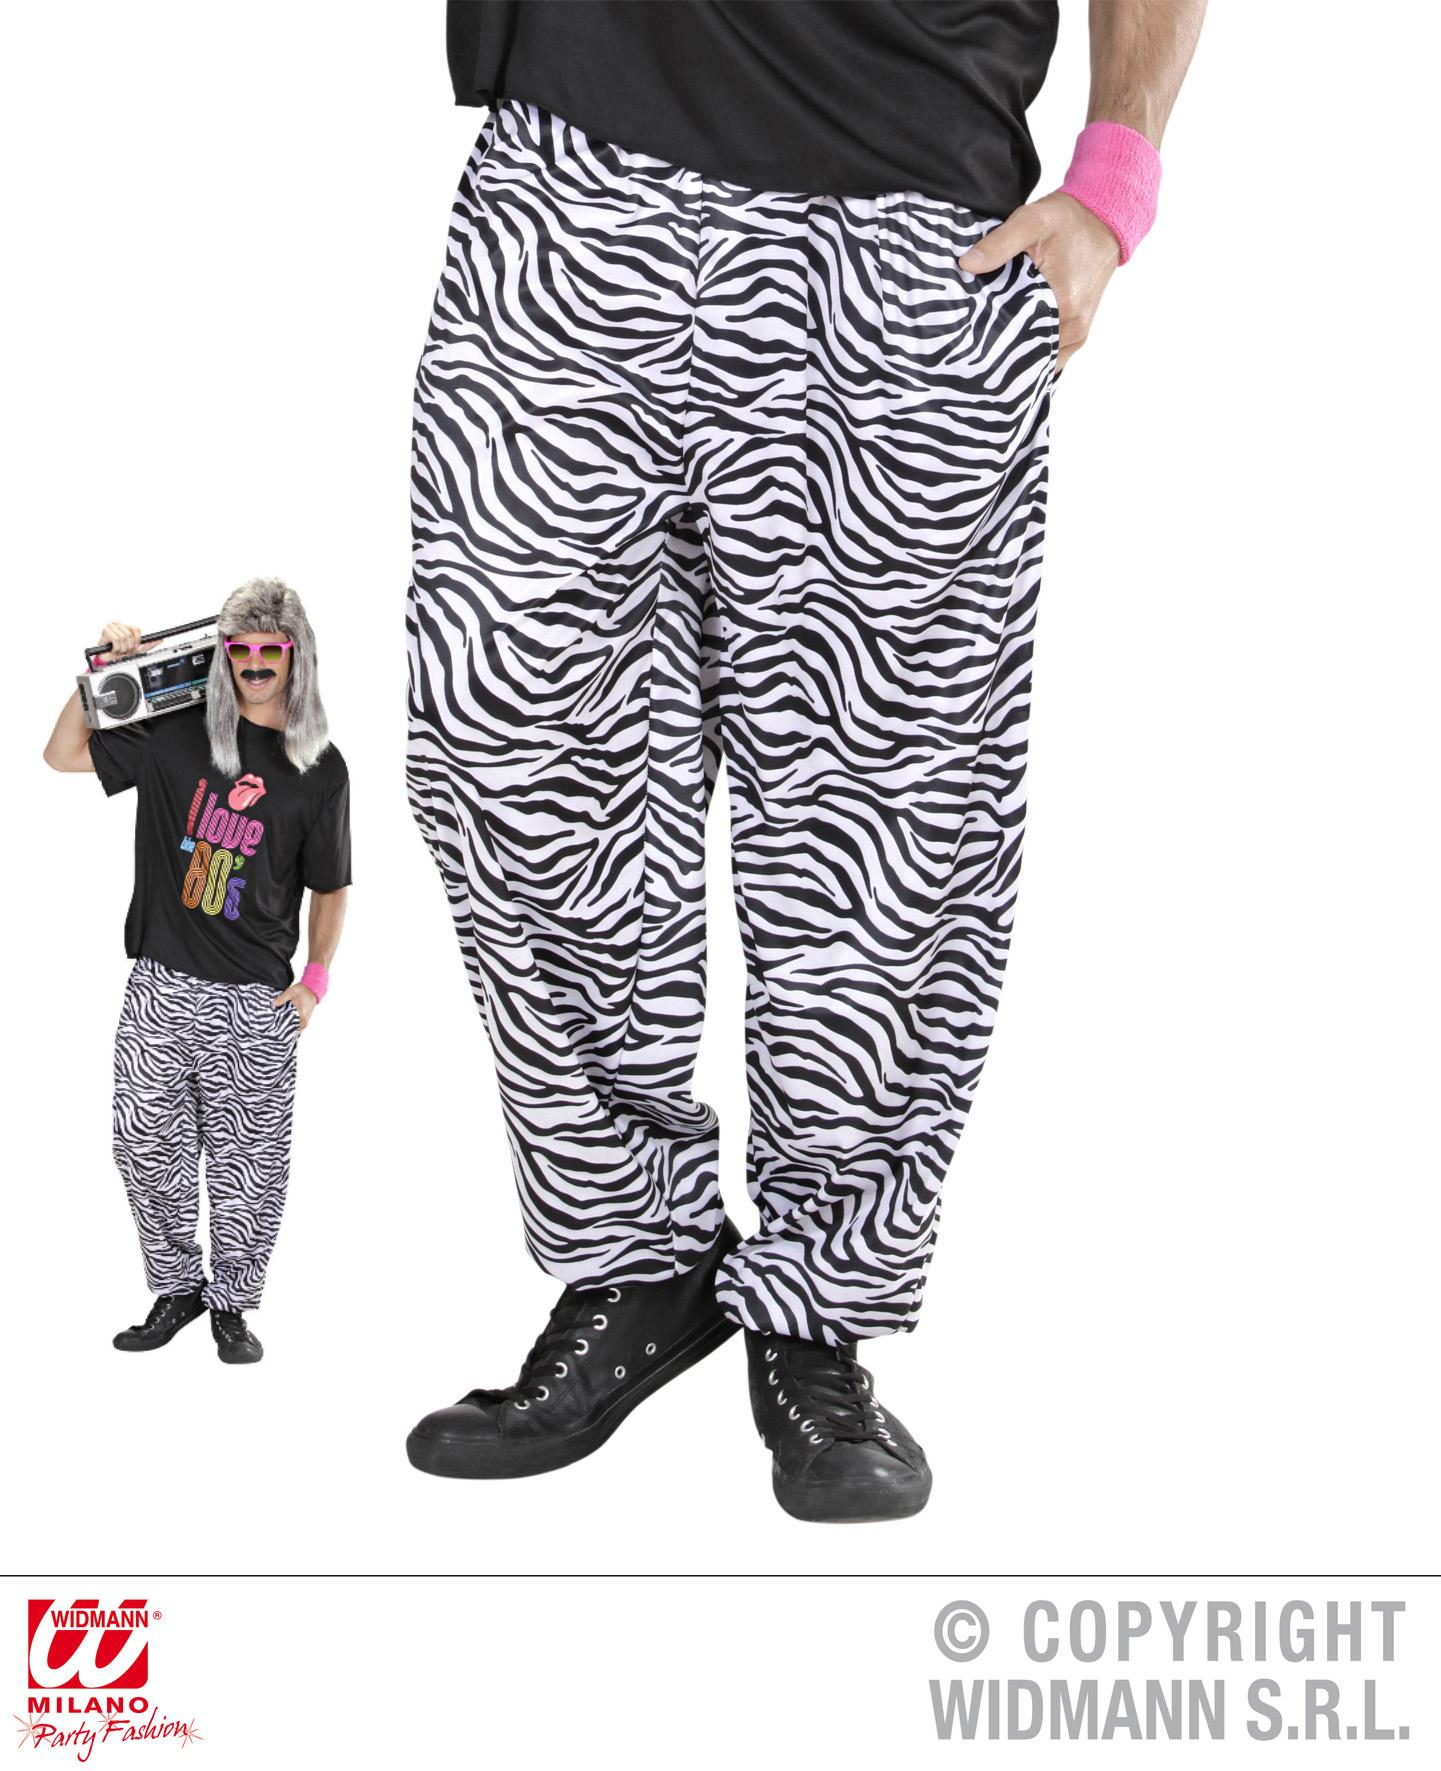 80er 90er jogginghose trainingshose wei schwarz zebra m l l xl 9882. Black Bedroom Furniture Sets. Home Design Ideas